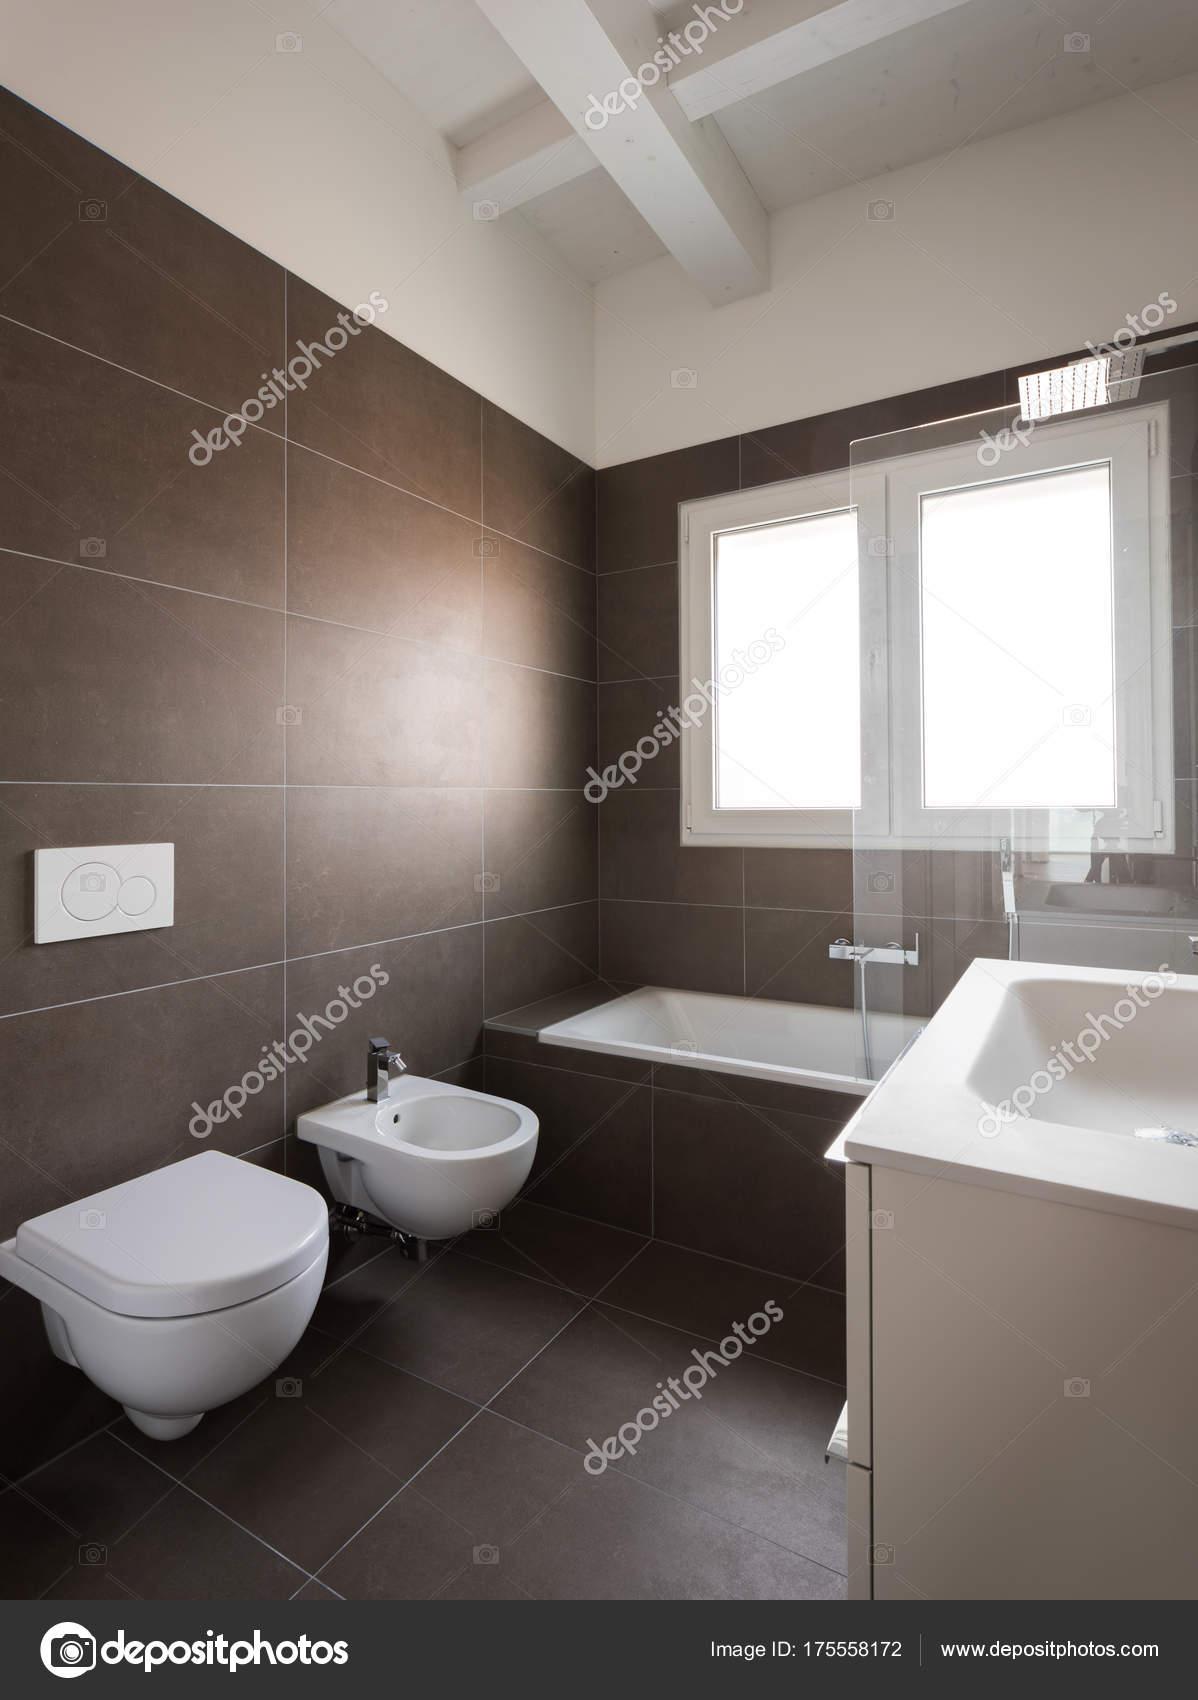 Nowoczesne łazienki Wnętrza Nikt Nie Zdjęcie Stockowe Zveiger